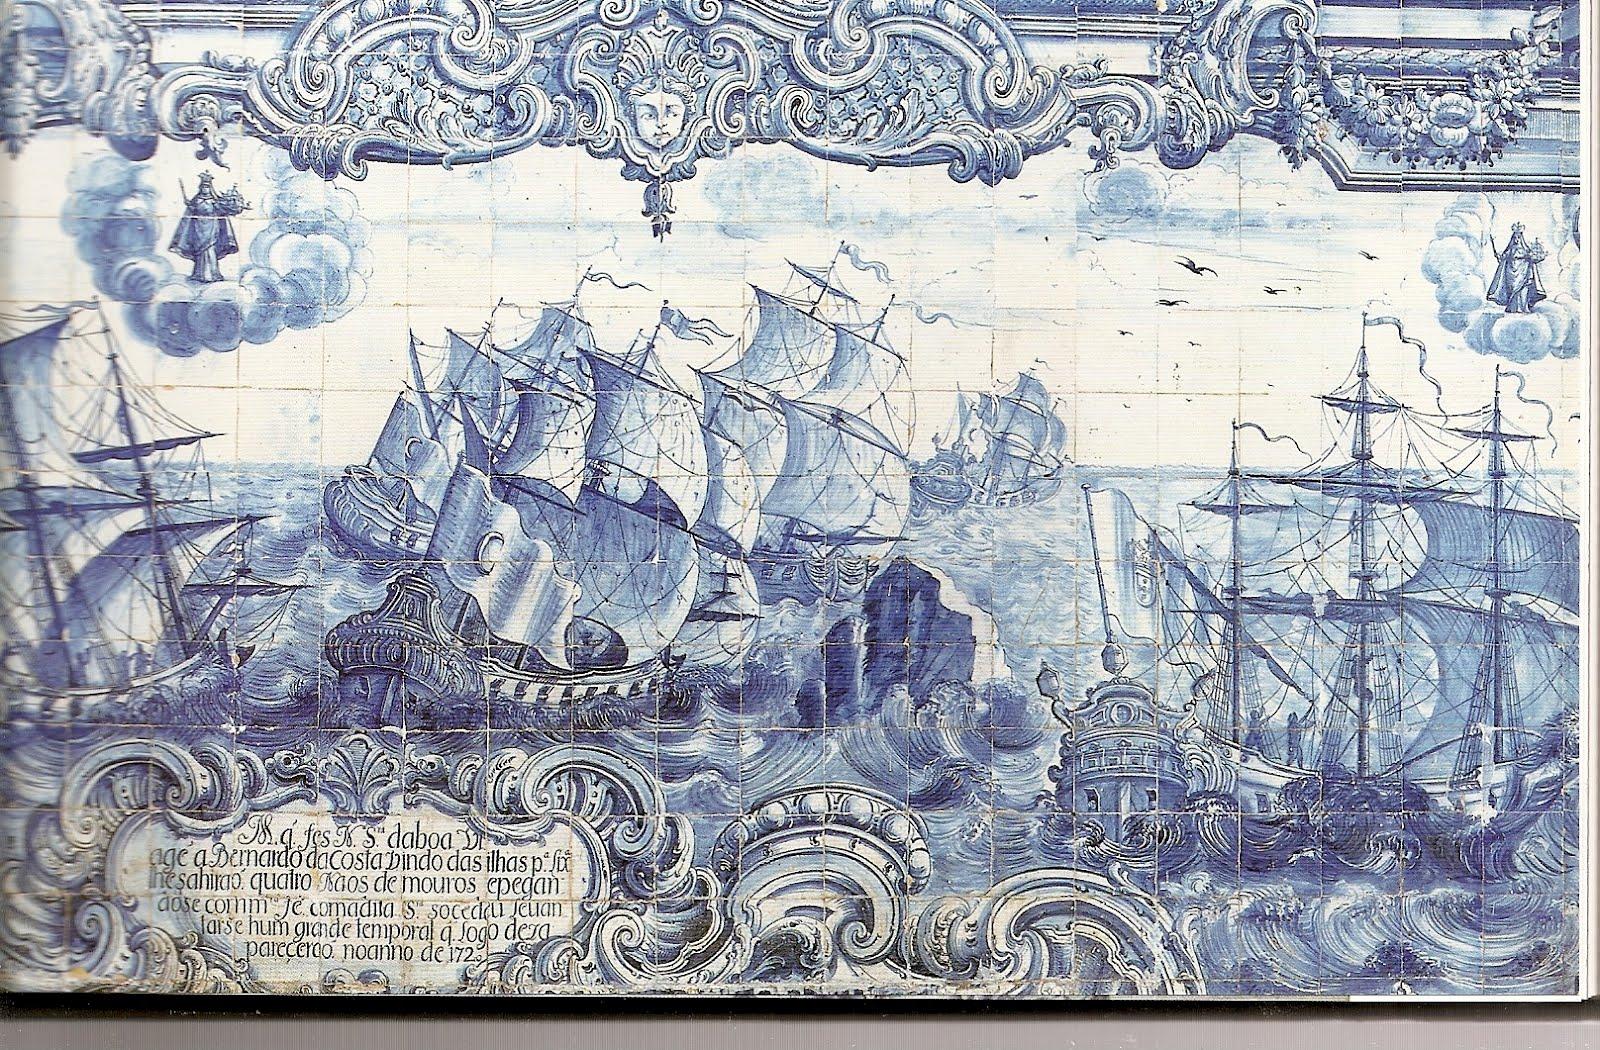 Resultado de imagem para azulejo salvador bahia